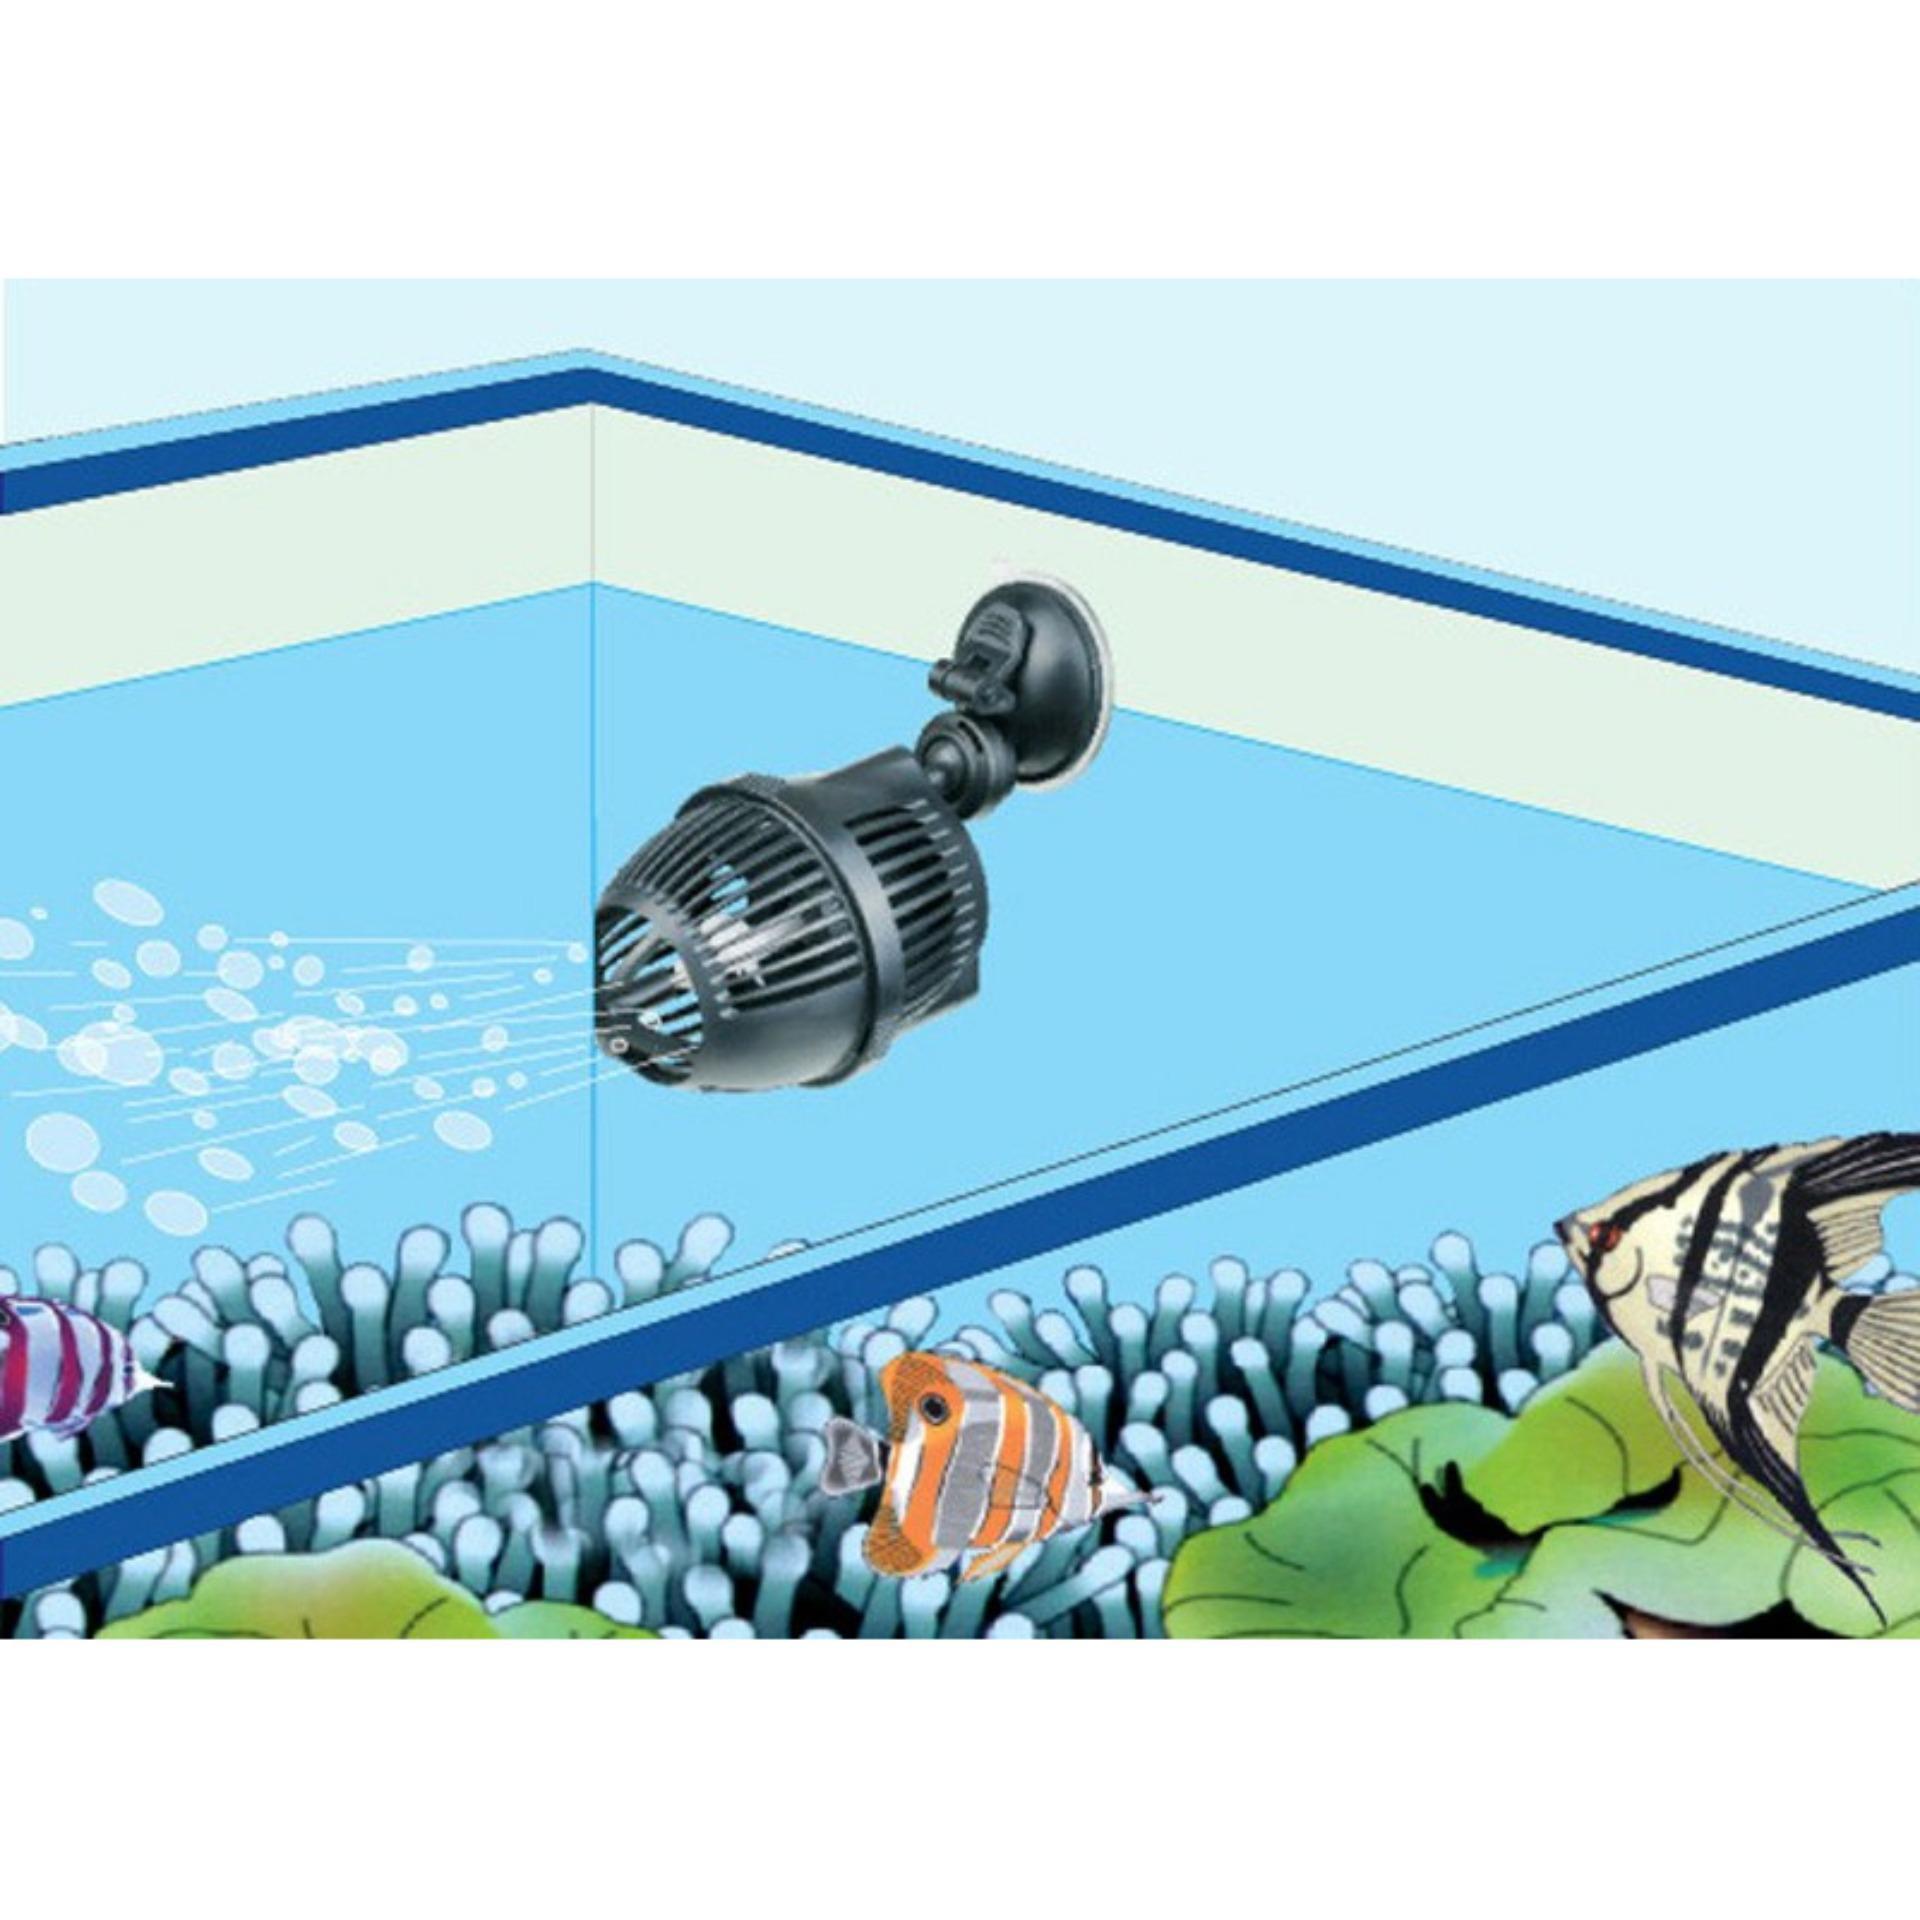 Máy tạo dòng nước làm sạch chất bẩn trong hồ Sobo-WP200M (12W - 5000L/H)